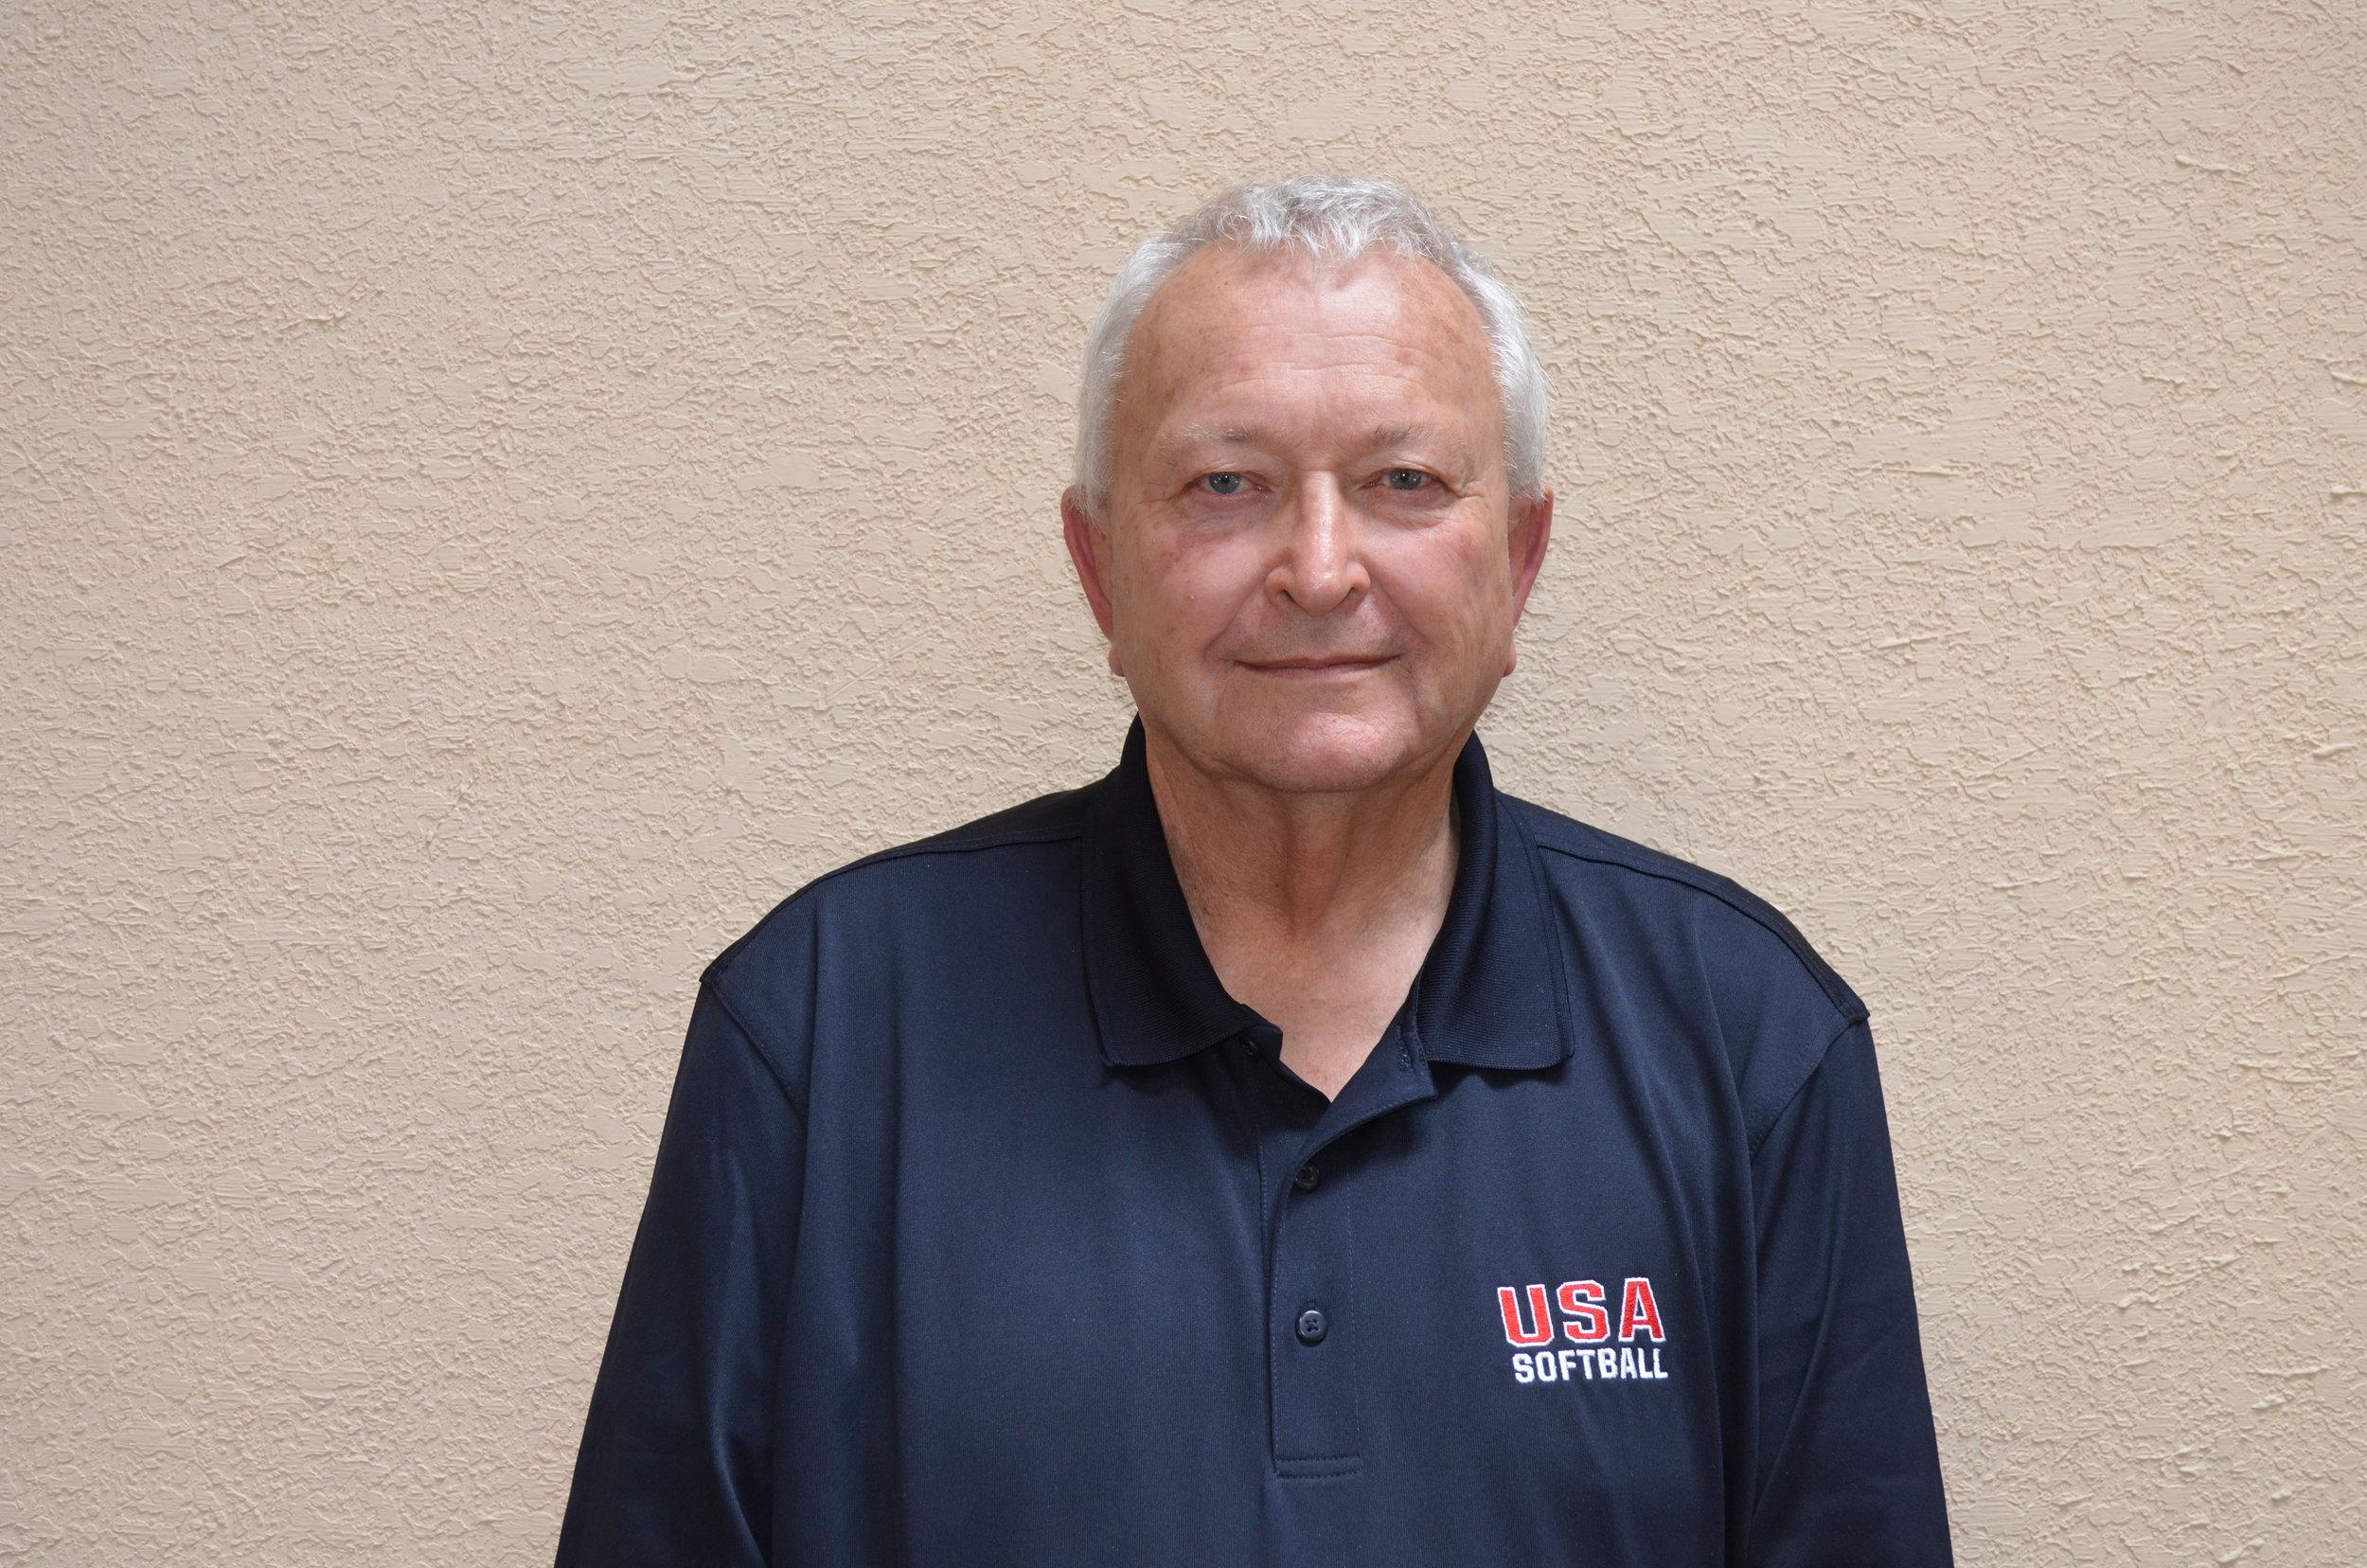 State Commissioner - Ron Merritt